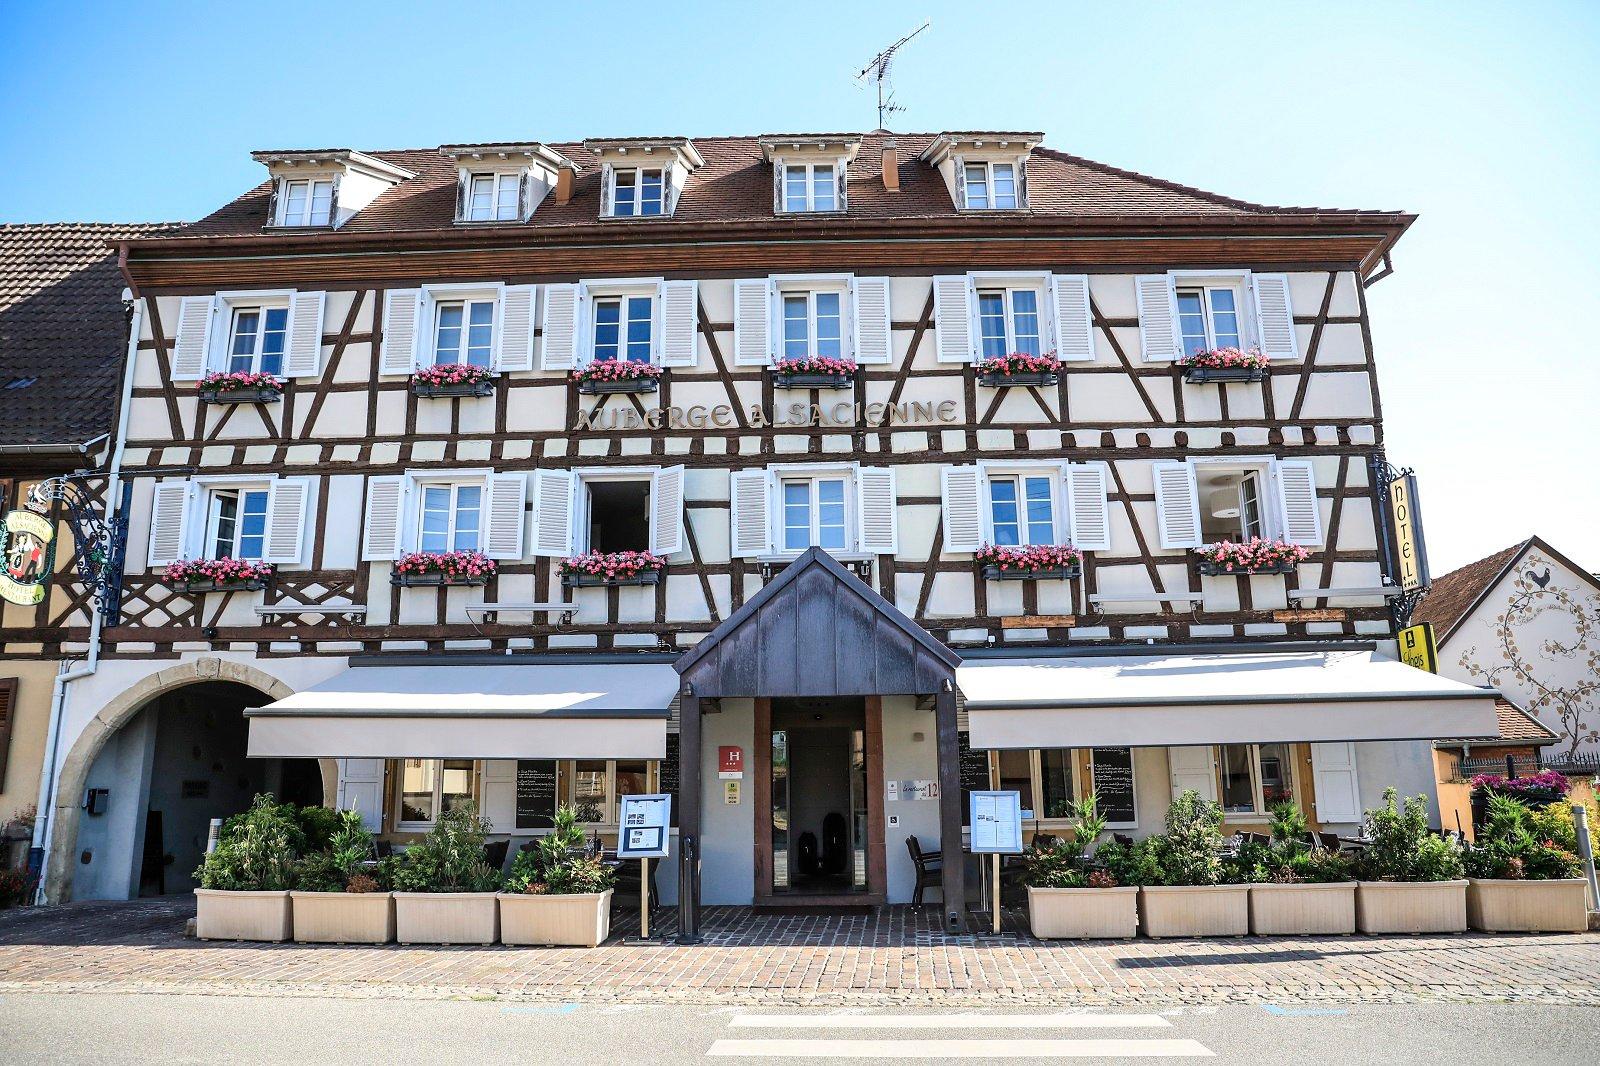 Office de tourisme de colmar en alsace h tel restaurant l 39 auberge alsacienne - Office du tourisme eguisheim ...